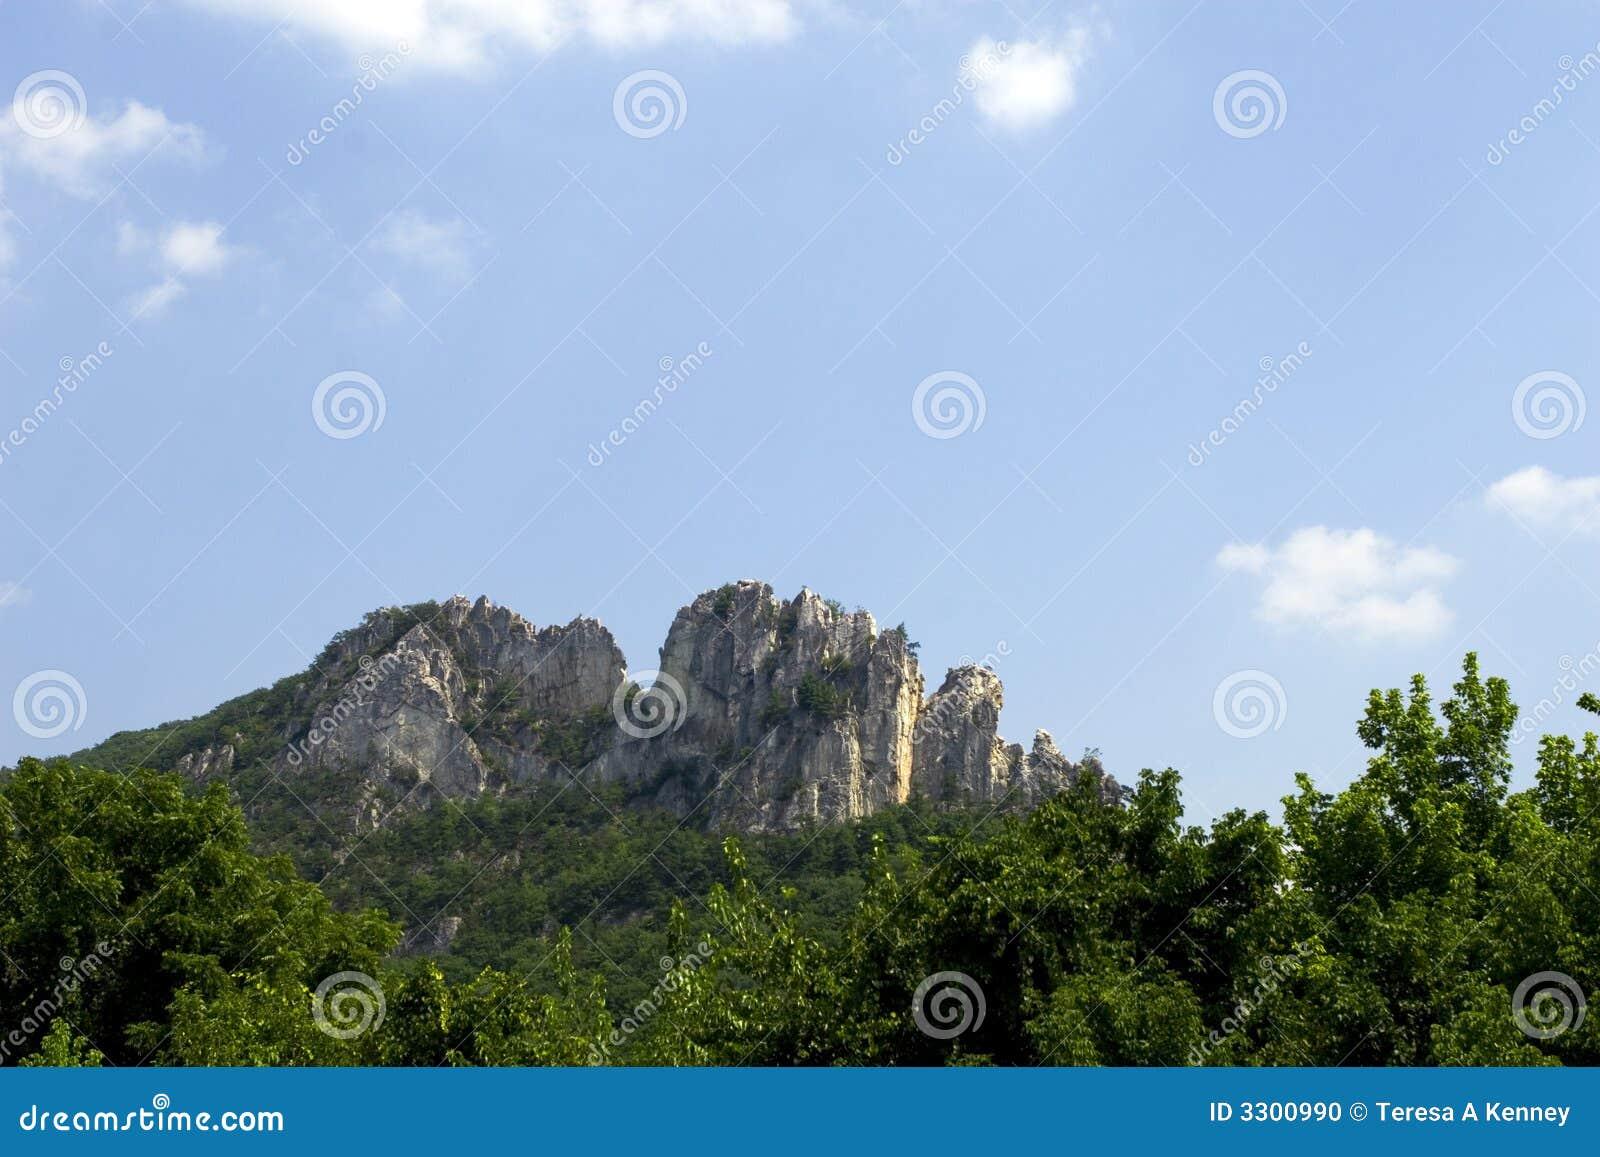 Rockseneca